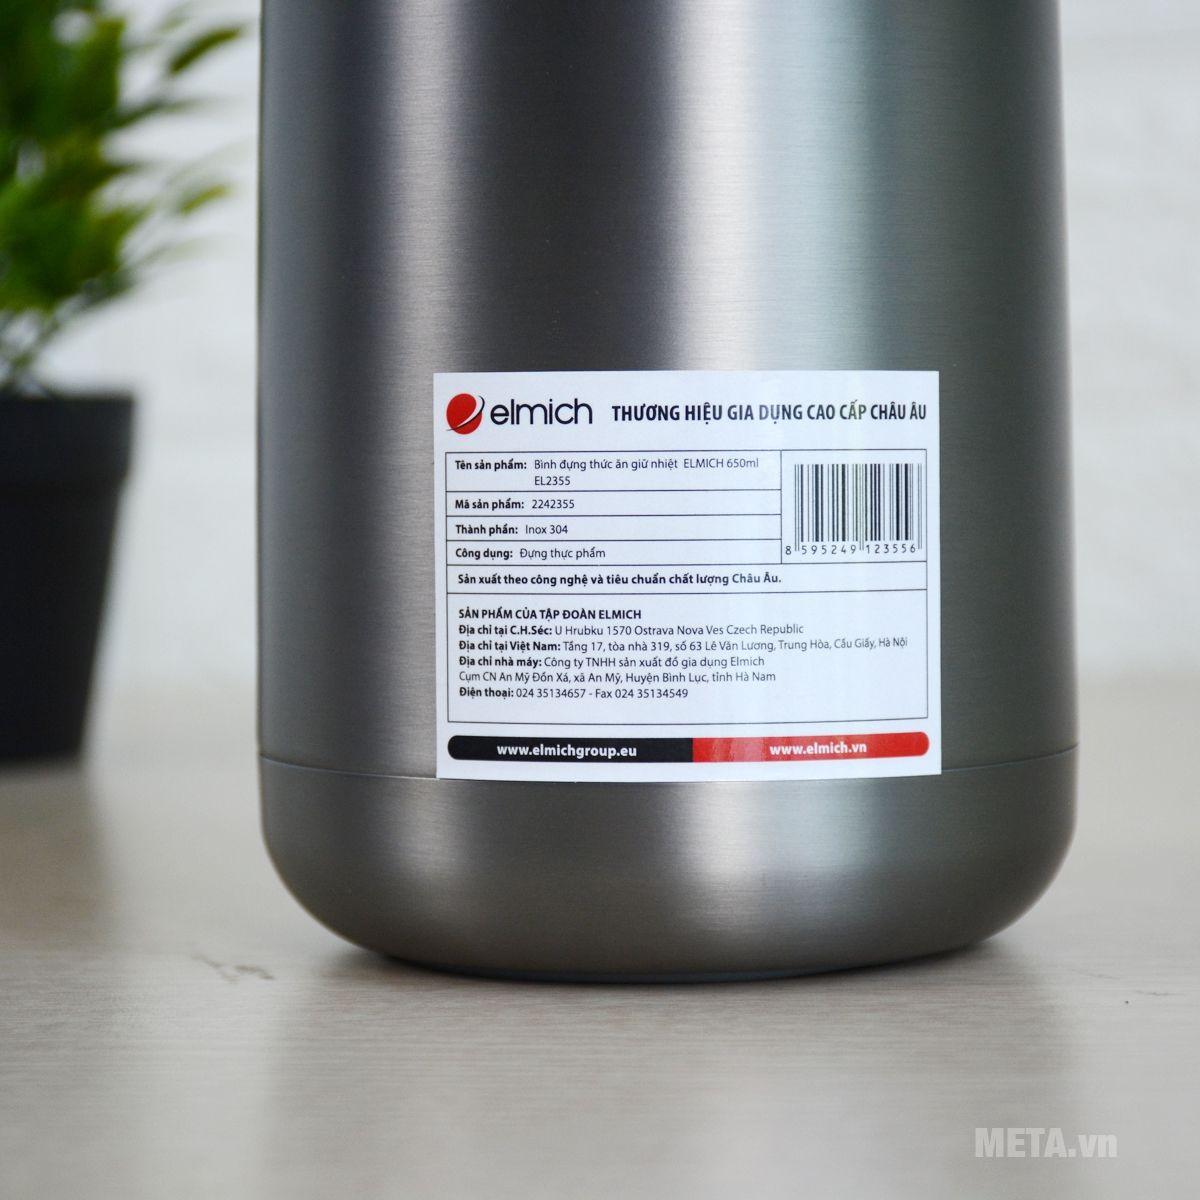 Một số thông số của bình đựng thức ăn giữ nhiệt Elmich 2242355